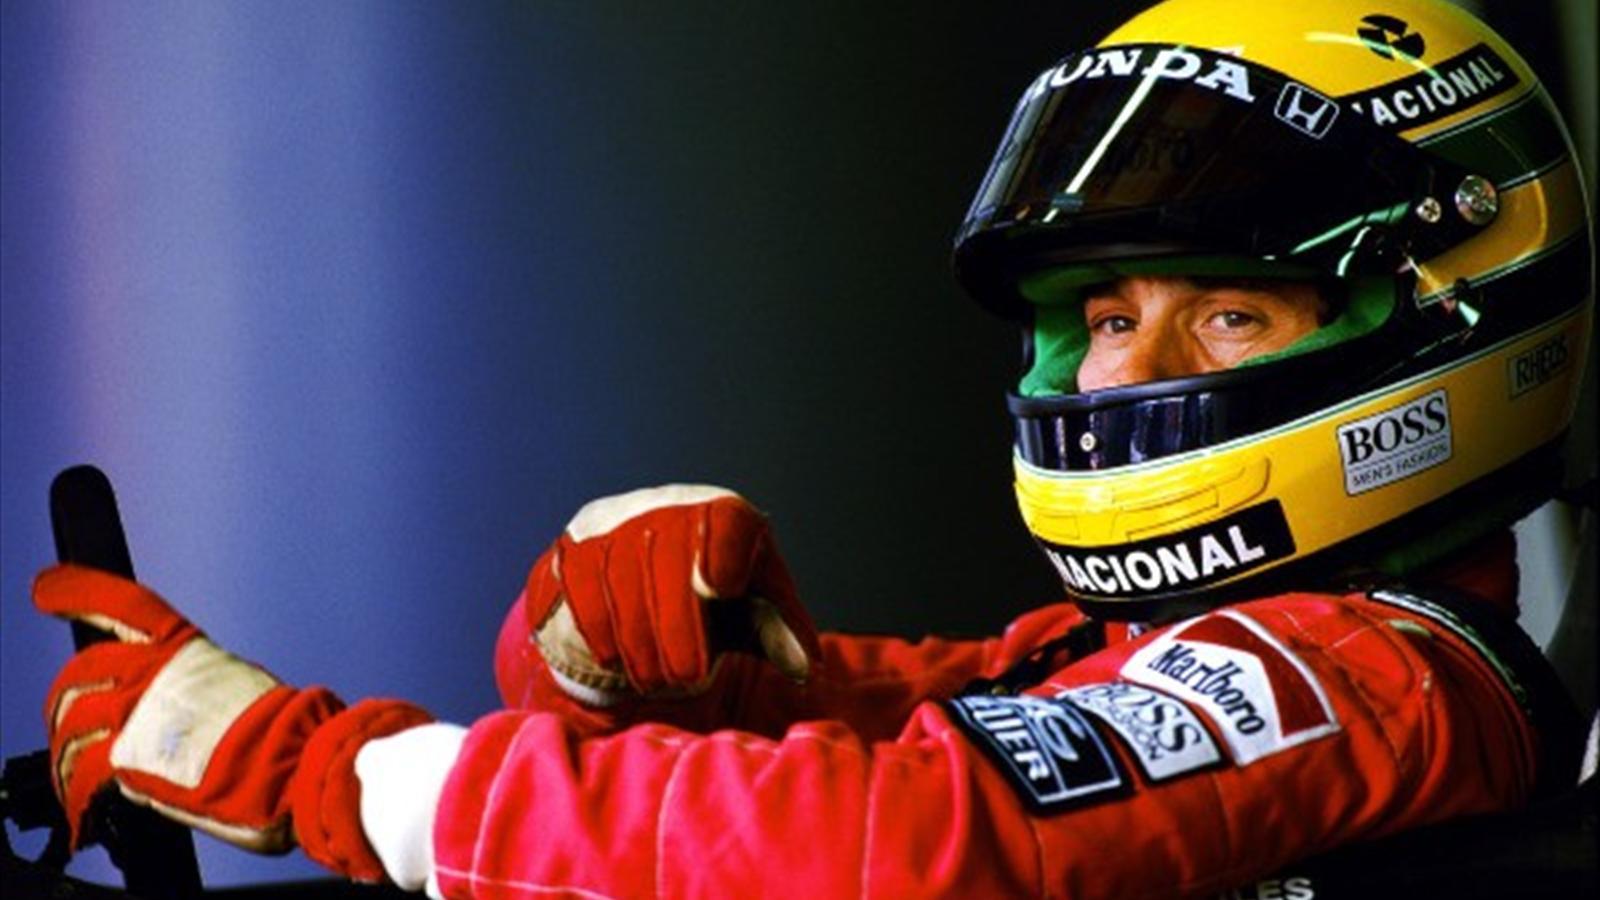 Spécial Sebastian Vettel (Formule un) - Page 12 844845-20392455-1600-900